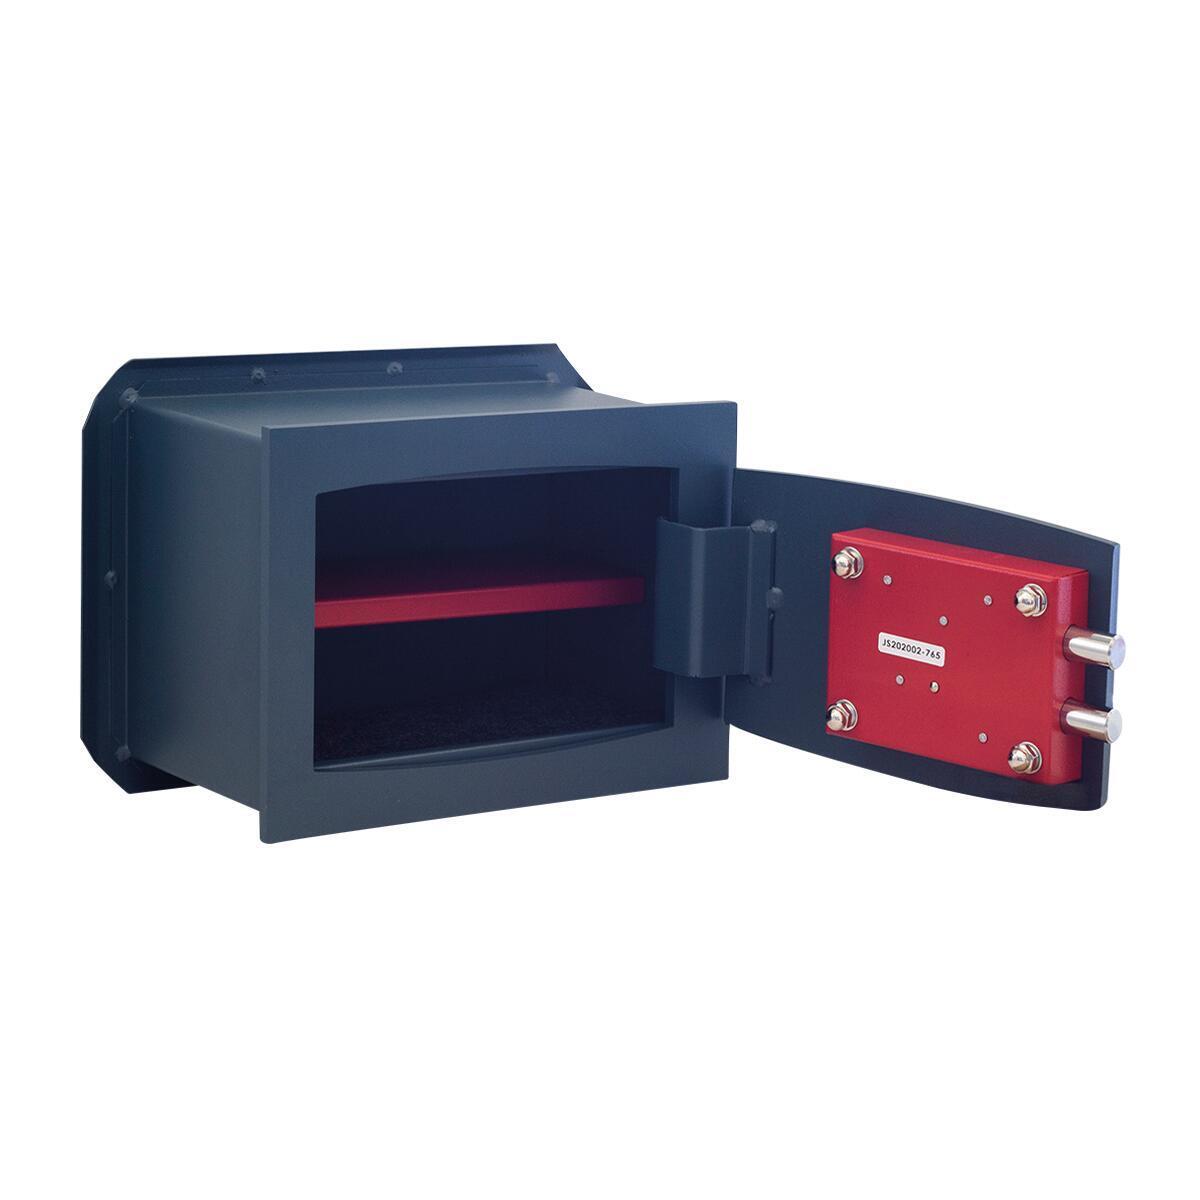 Cassaforte a chiave STARK 800A da murare L26 x P15 x H18 cm - 5